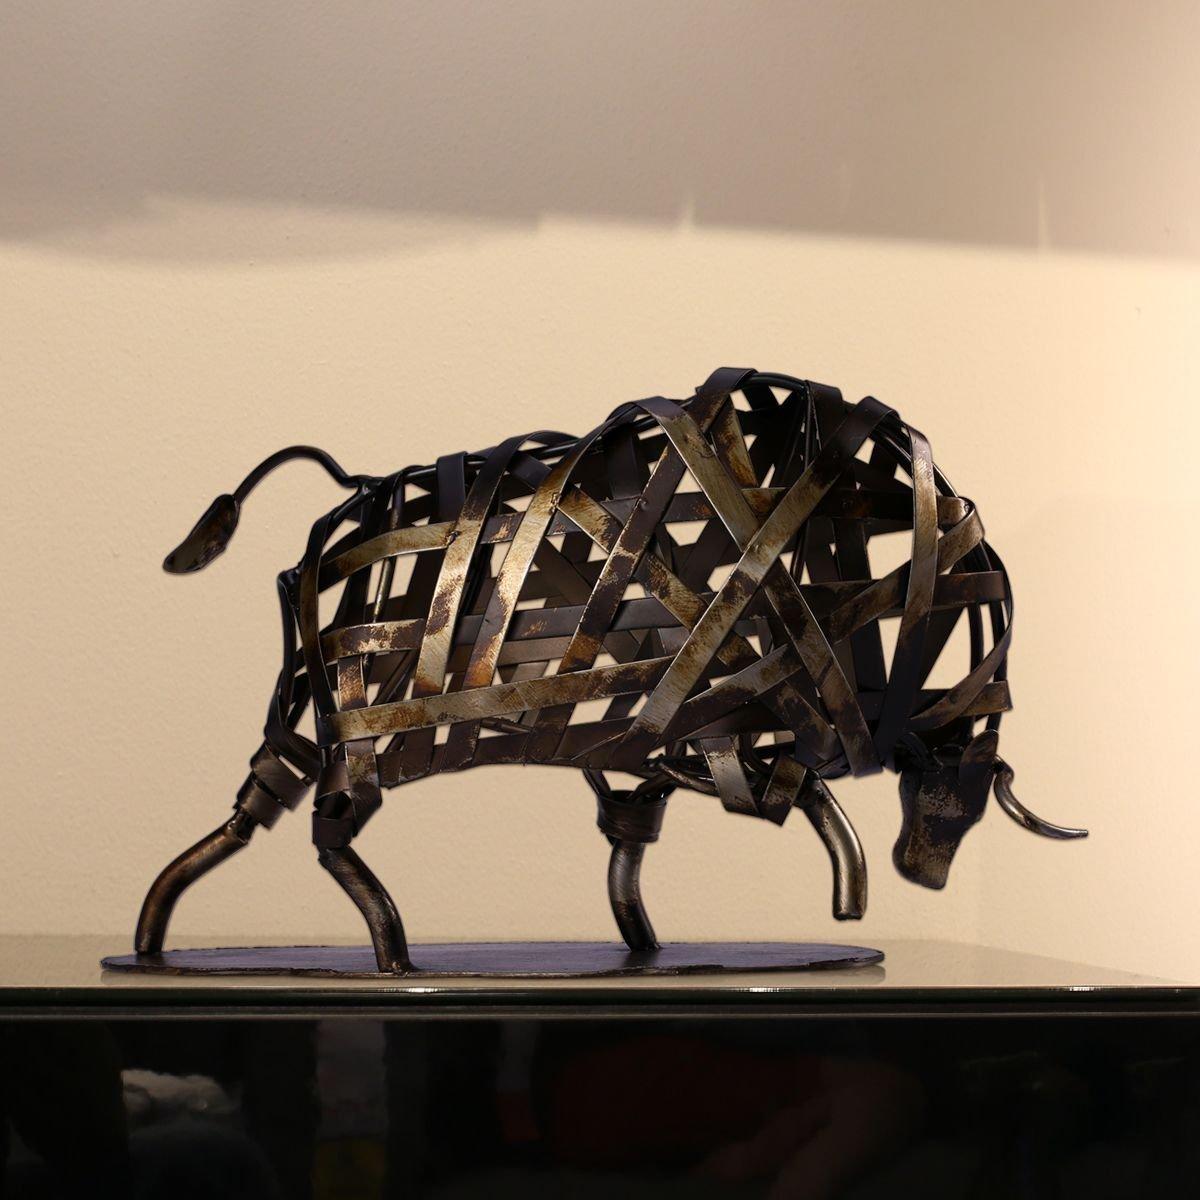 トゥーアーツ製 モダン・メタル編み組み 彫刻 猛牛 ホーム手作り工芸 彫像(輸入品)